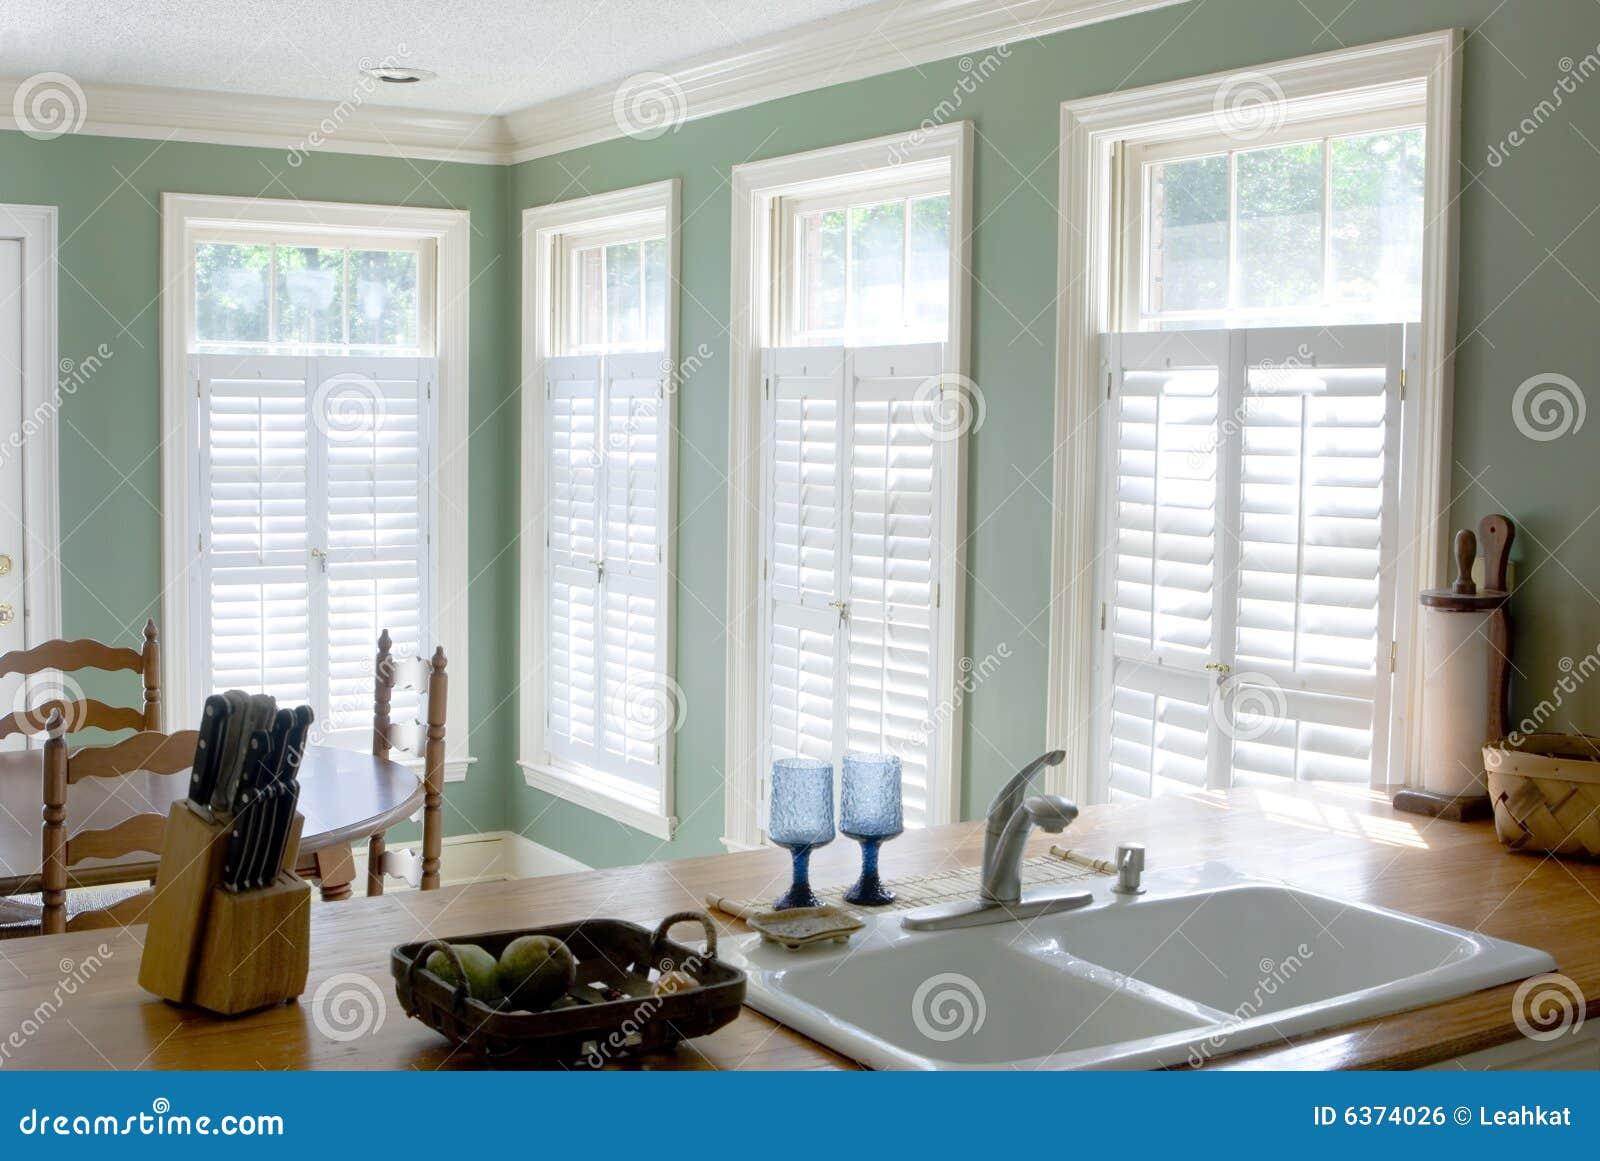 Cuisine lumineuse image libre de droits image 6374026 for Cuisine typique americaine